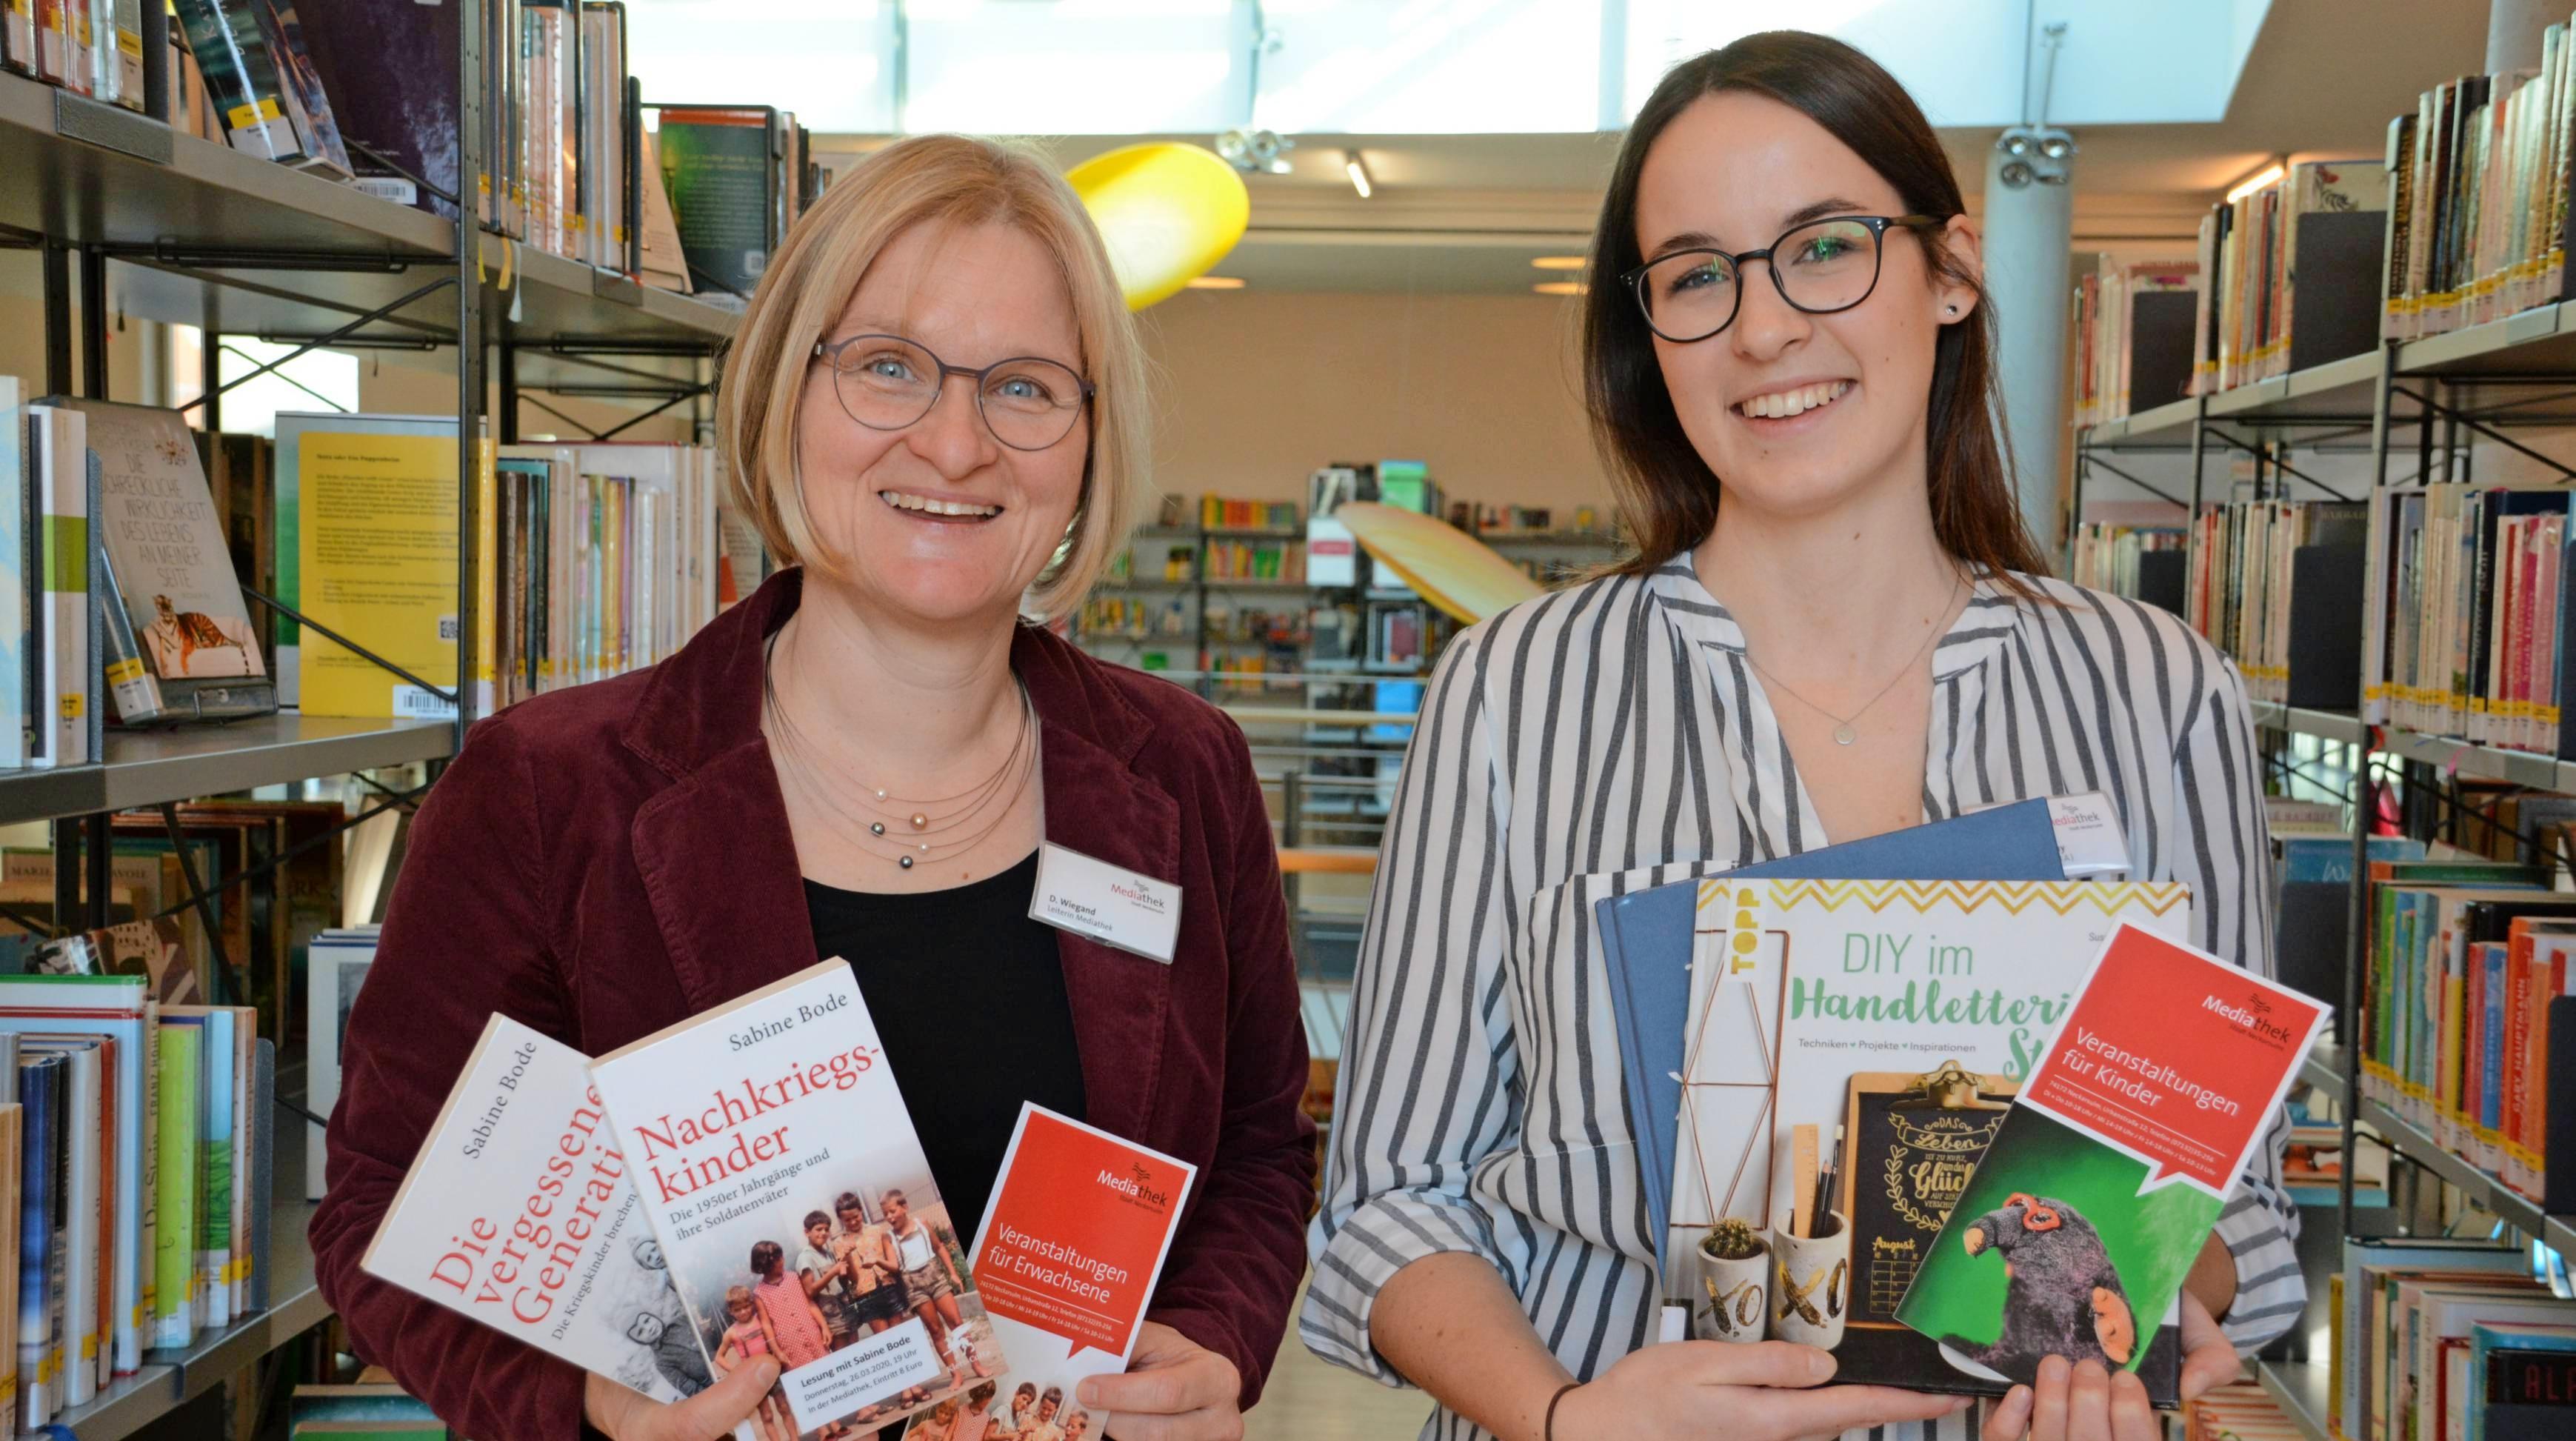 Die Leiterin der Mediathek, Dorothee Wiegand (links), und Bibliothekarin Alexandra May laden im ersten Halbjahr zu einem interessanten Veranstaltungsprogramm ein. Foto: Mediathek